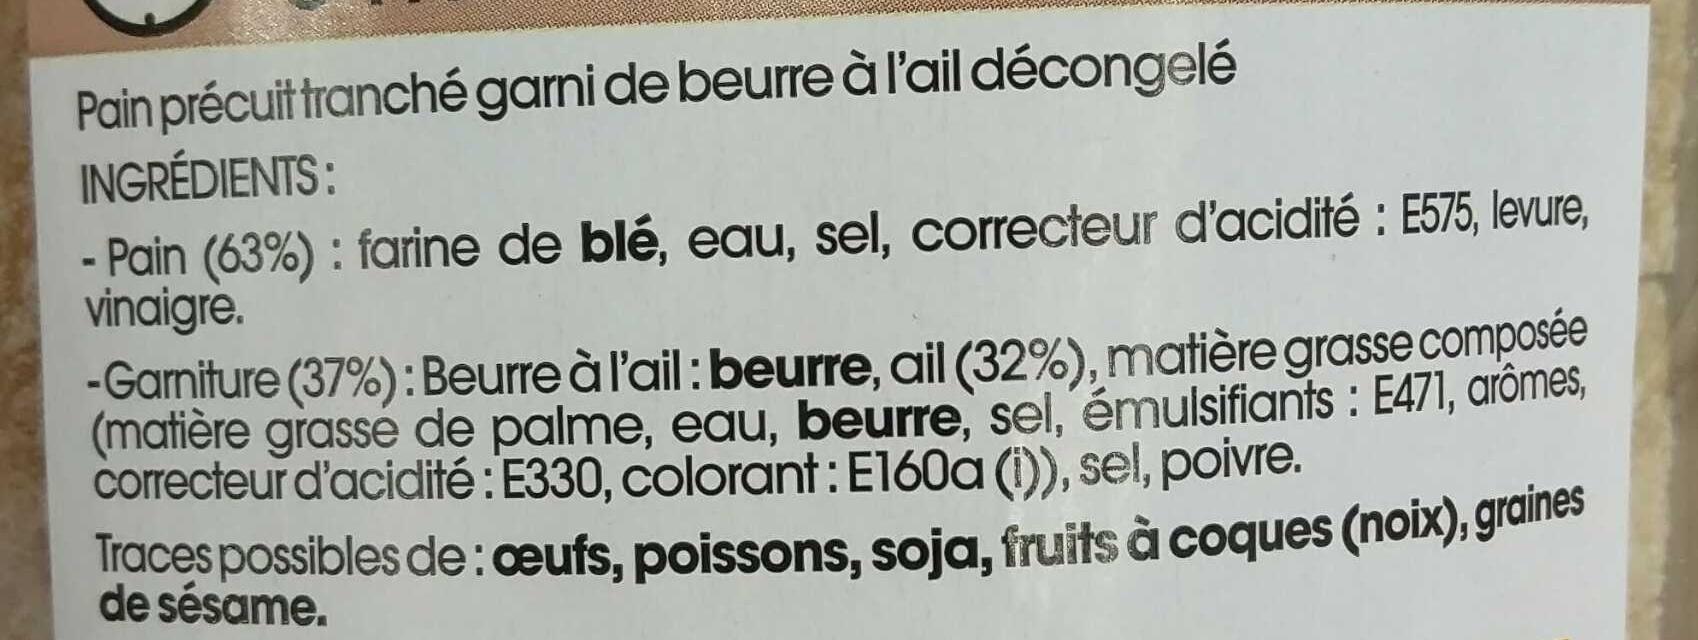 Préfou Le Pain Apéritif Ail - Ingrédients - fr